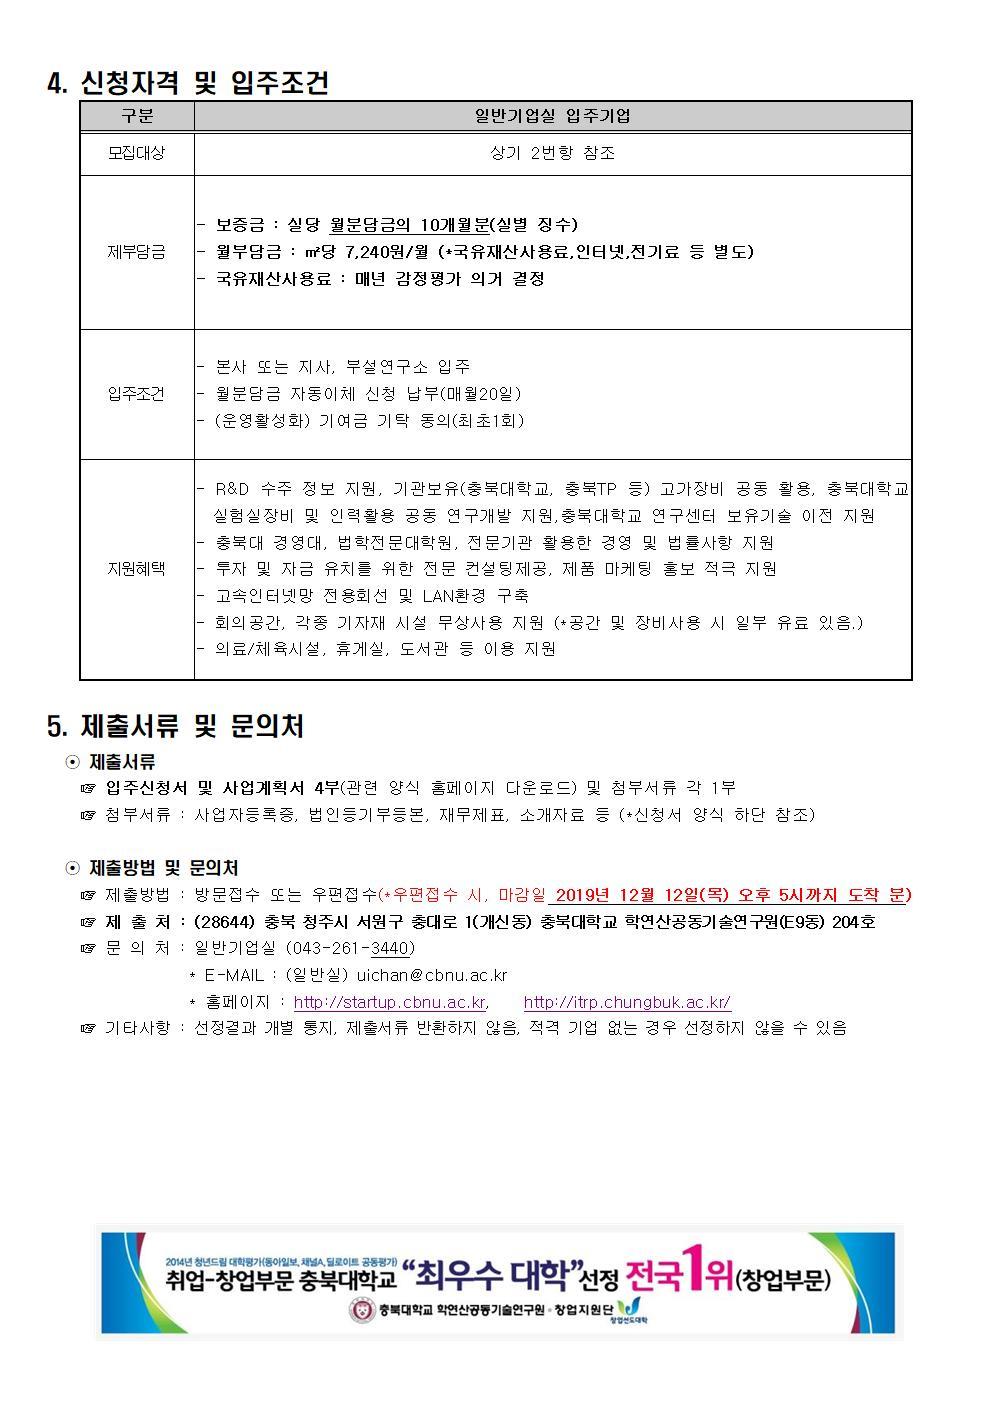 충북대학교 학연산공동기술연구원 입주기업 모집 공고문002.jpg